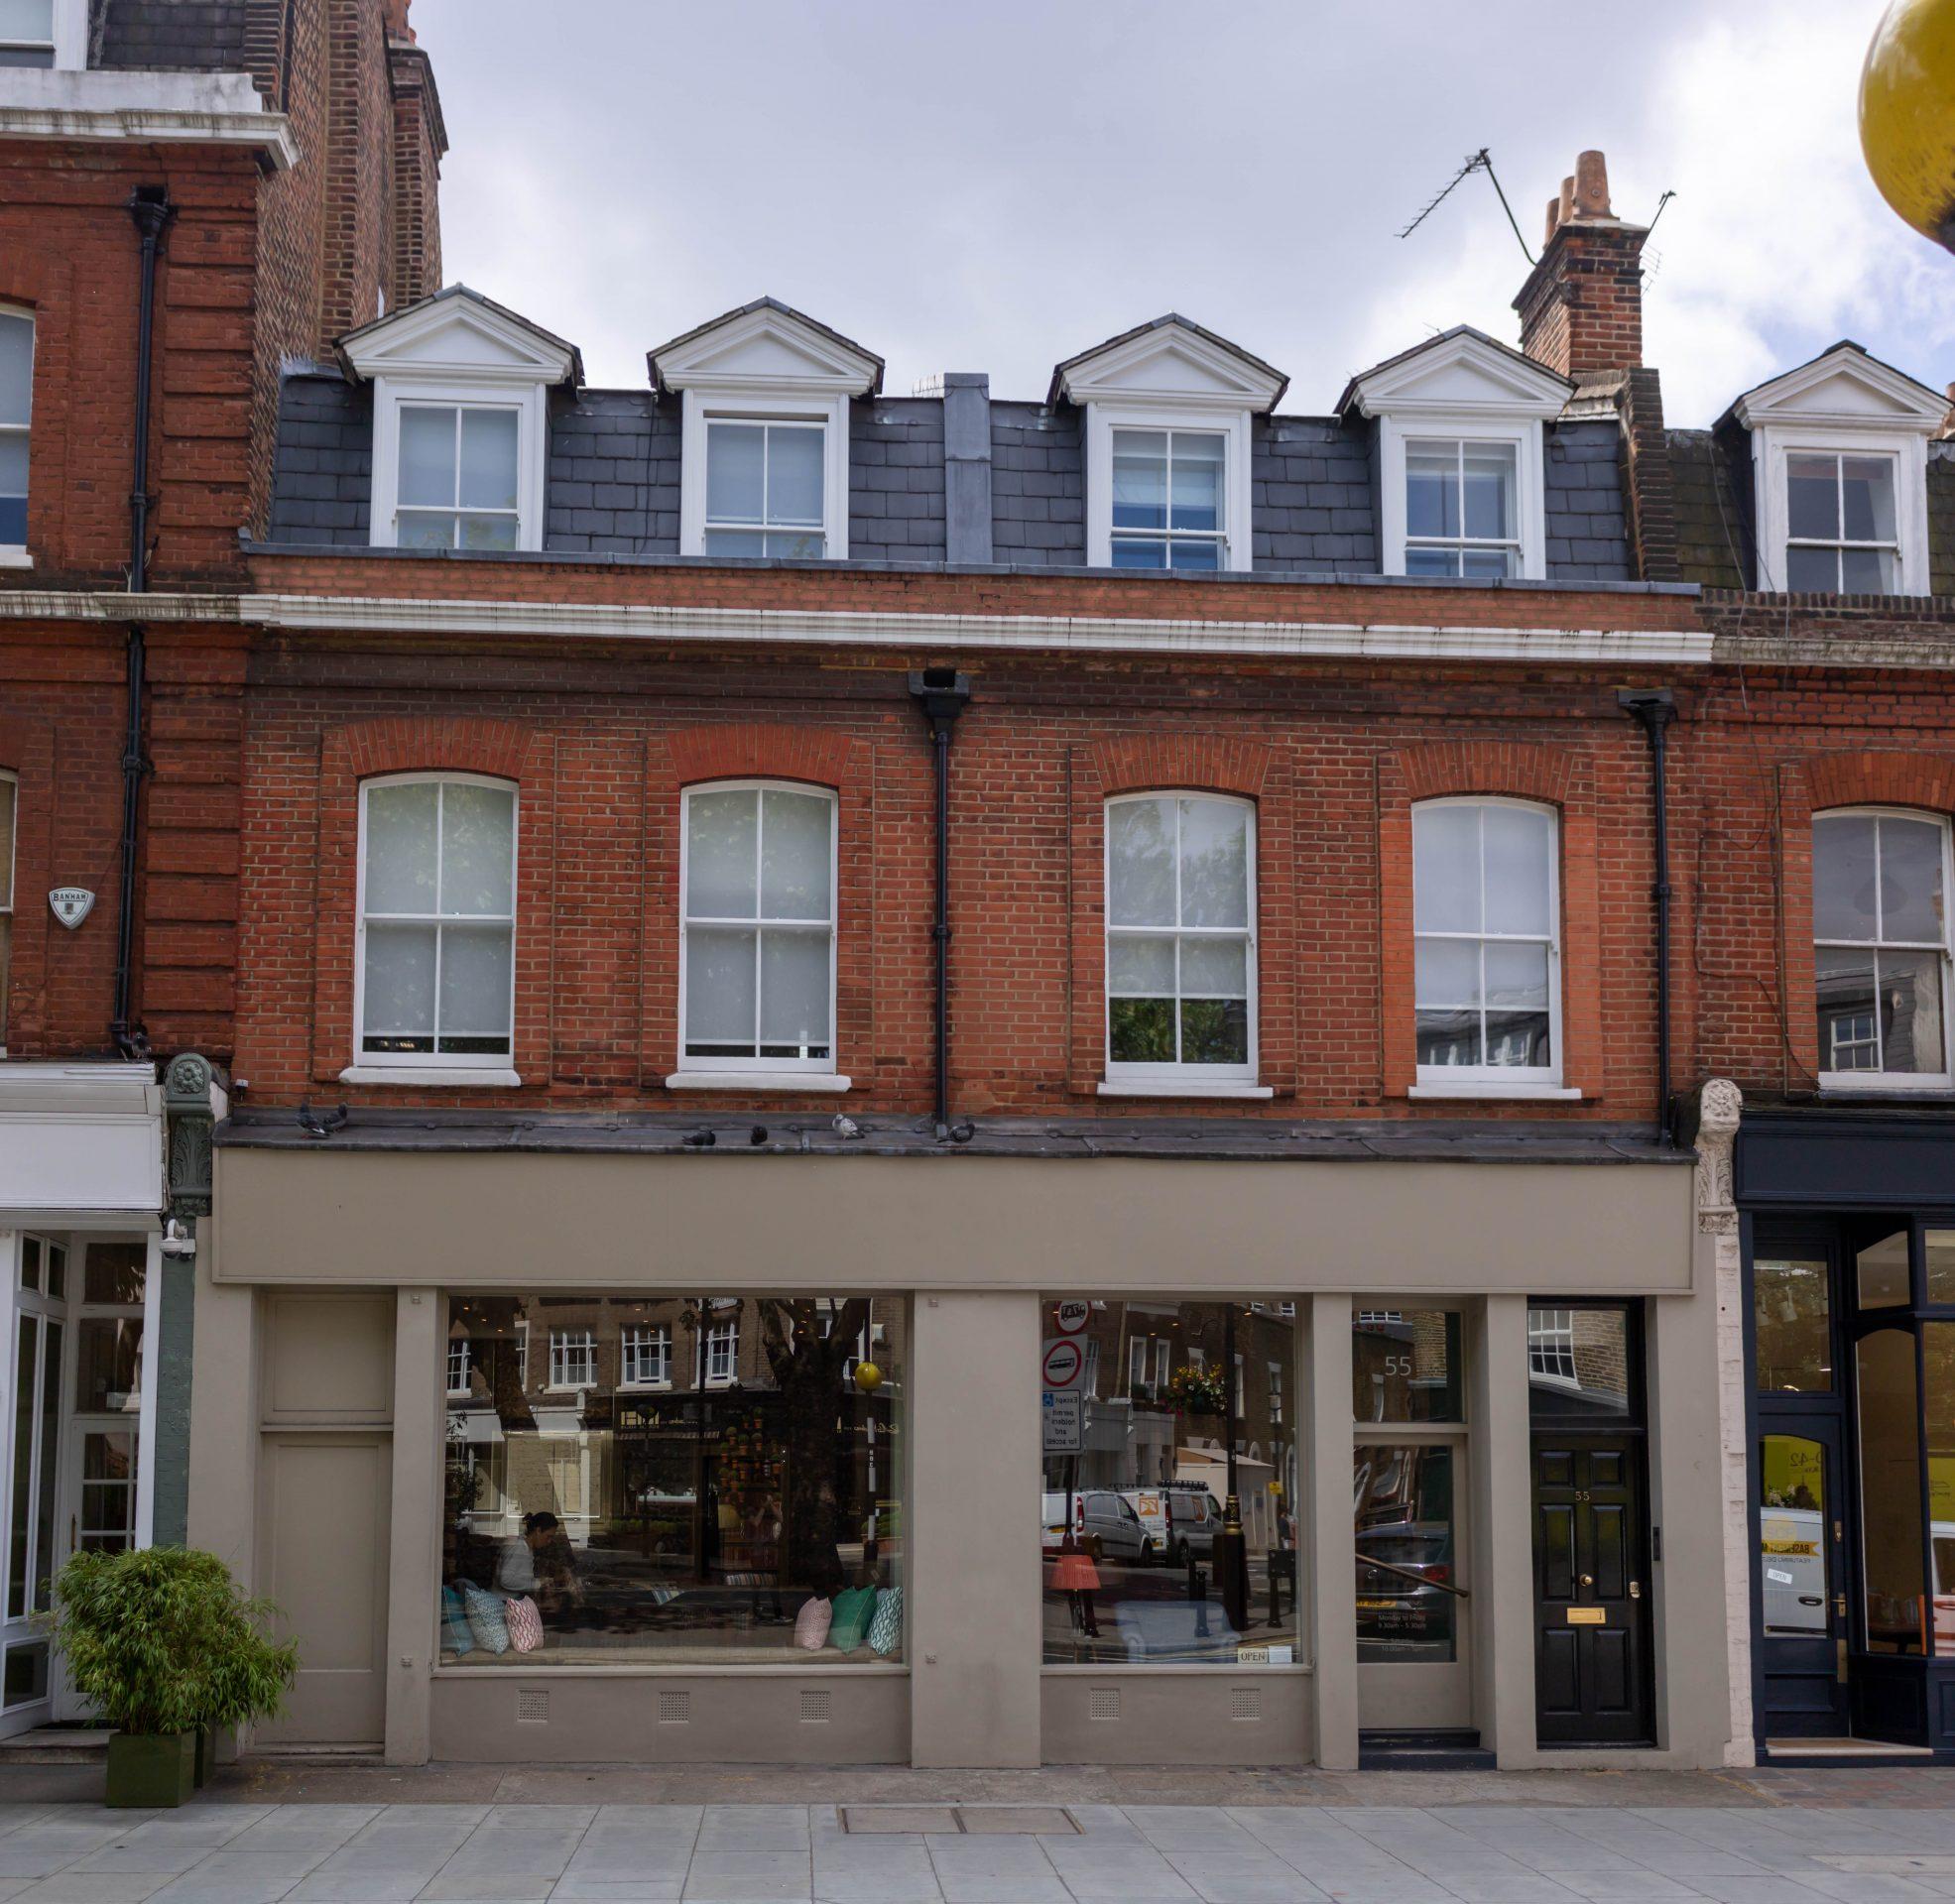 Kandd shopfront window joinery Project